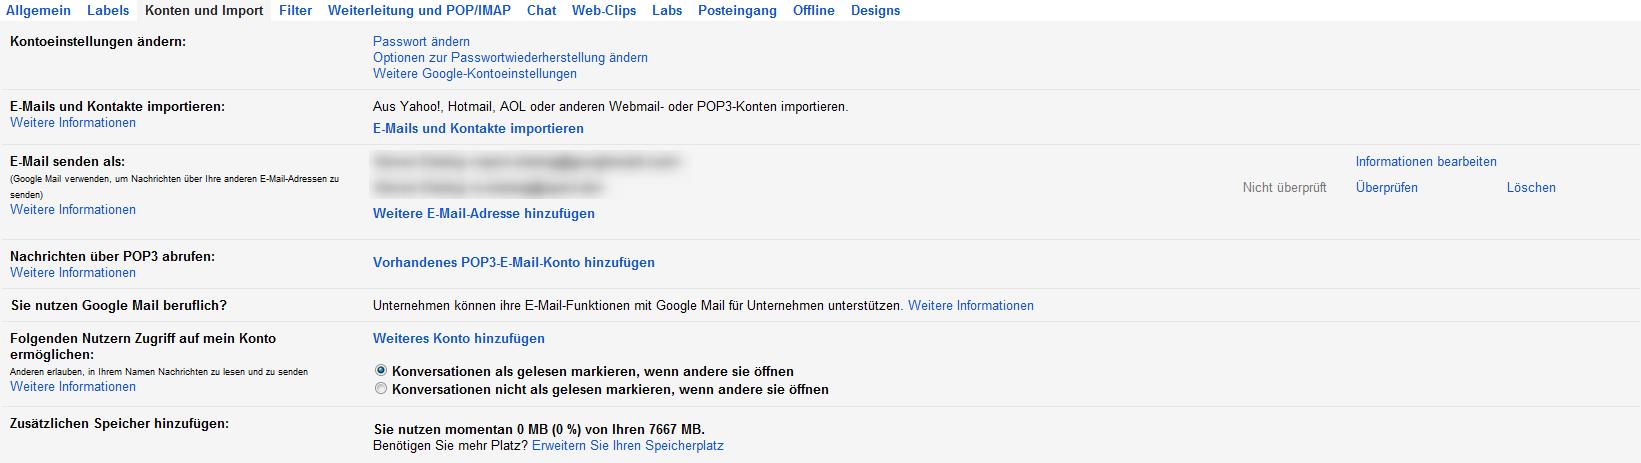 04-google-mail-alle-einstellungsmoeglichkeiten-konten-und-import-470.png?nocache=1326361559529